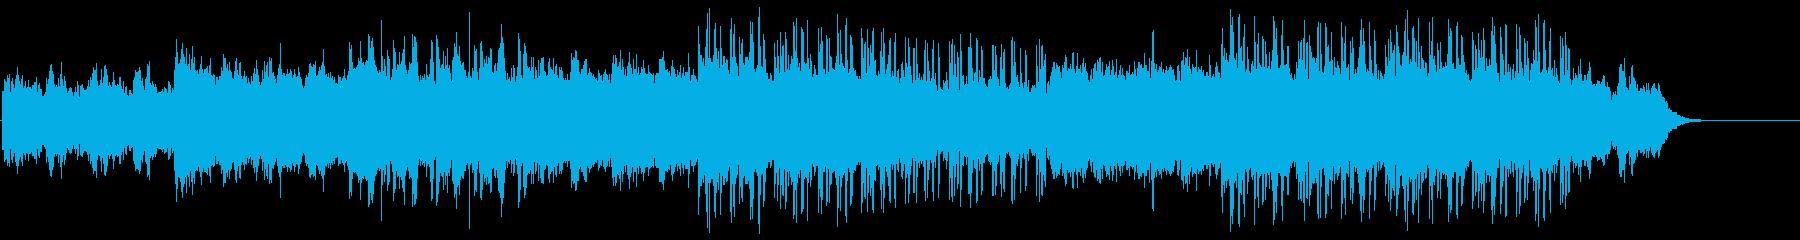 冬の夜を想起させるCill musicの再生済みの波形